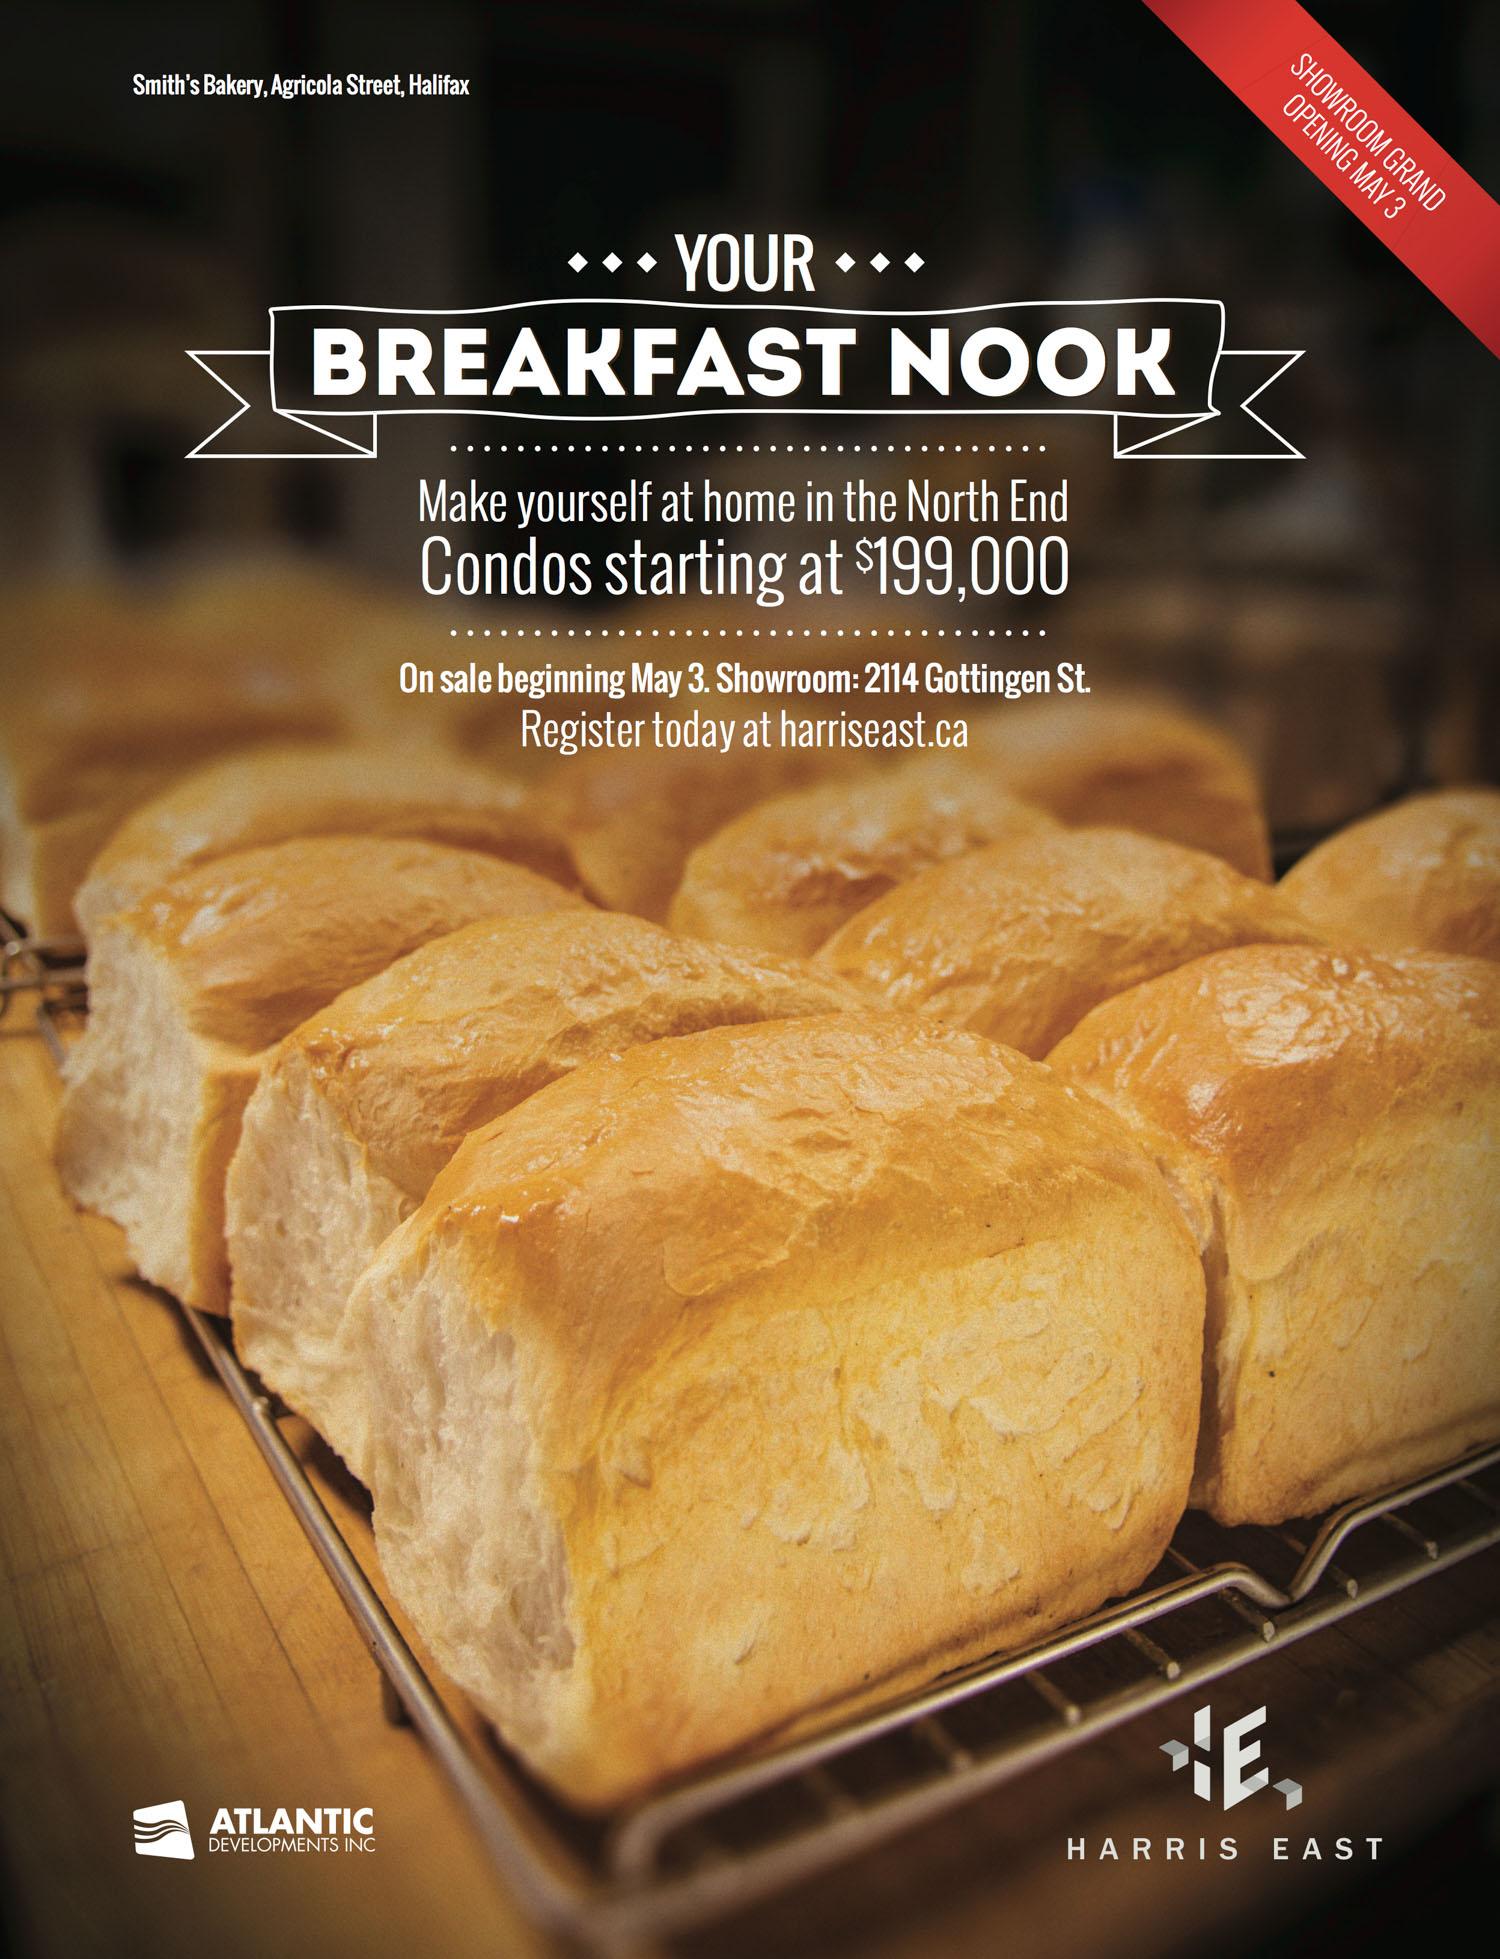 Your Breakfast Nook